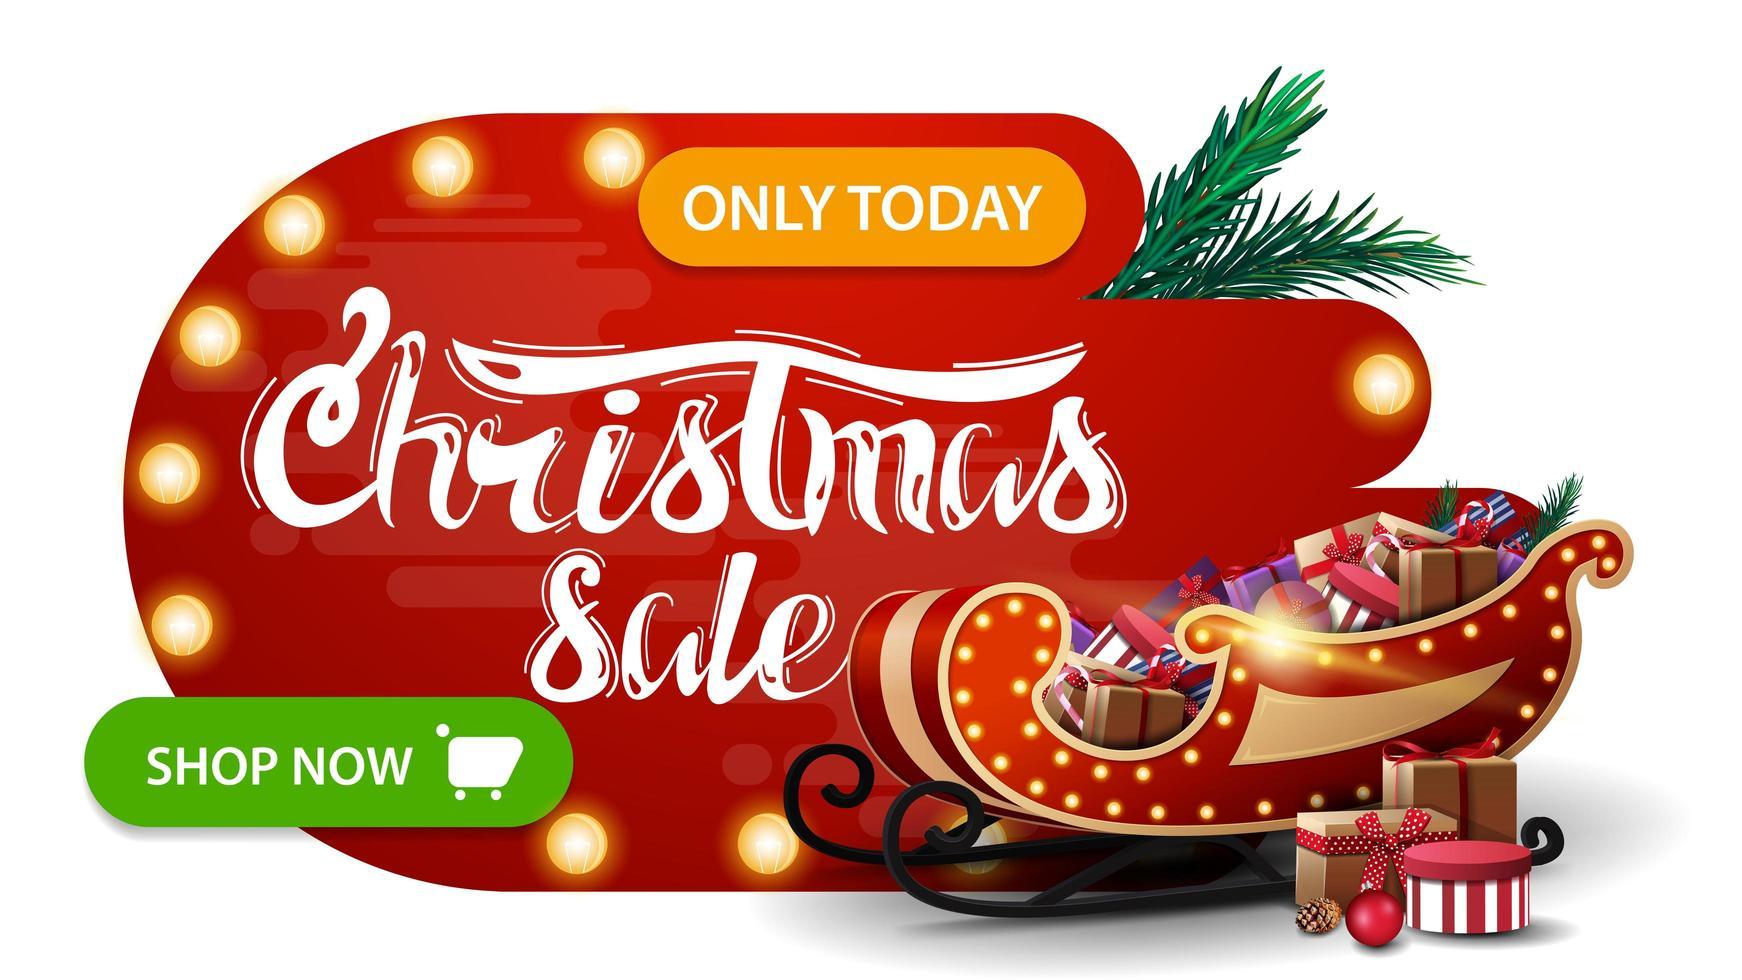 kerstuitverkoop, rode kortingsbanner in abstracte vloeibare vormen met bollen, groene knop, mooie letters en kerstman met cadeautjes vector